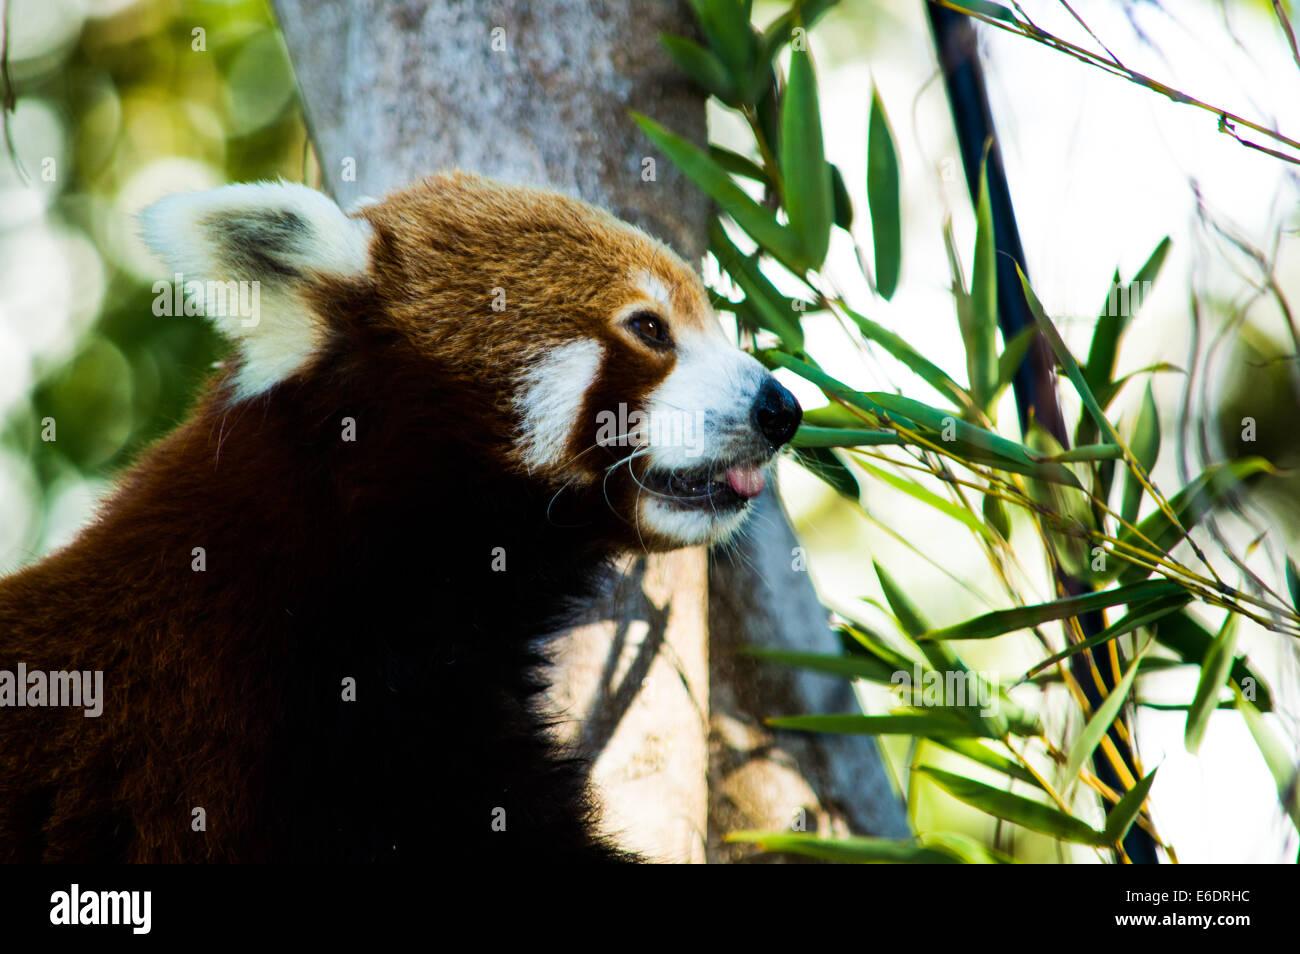 Fantastisch Pandabär Färbung Seite Bilder - Malvorlagen-Ideen ...